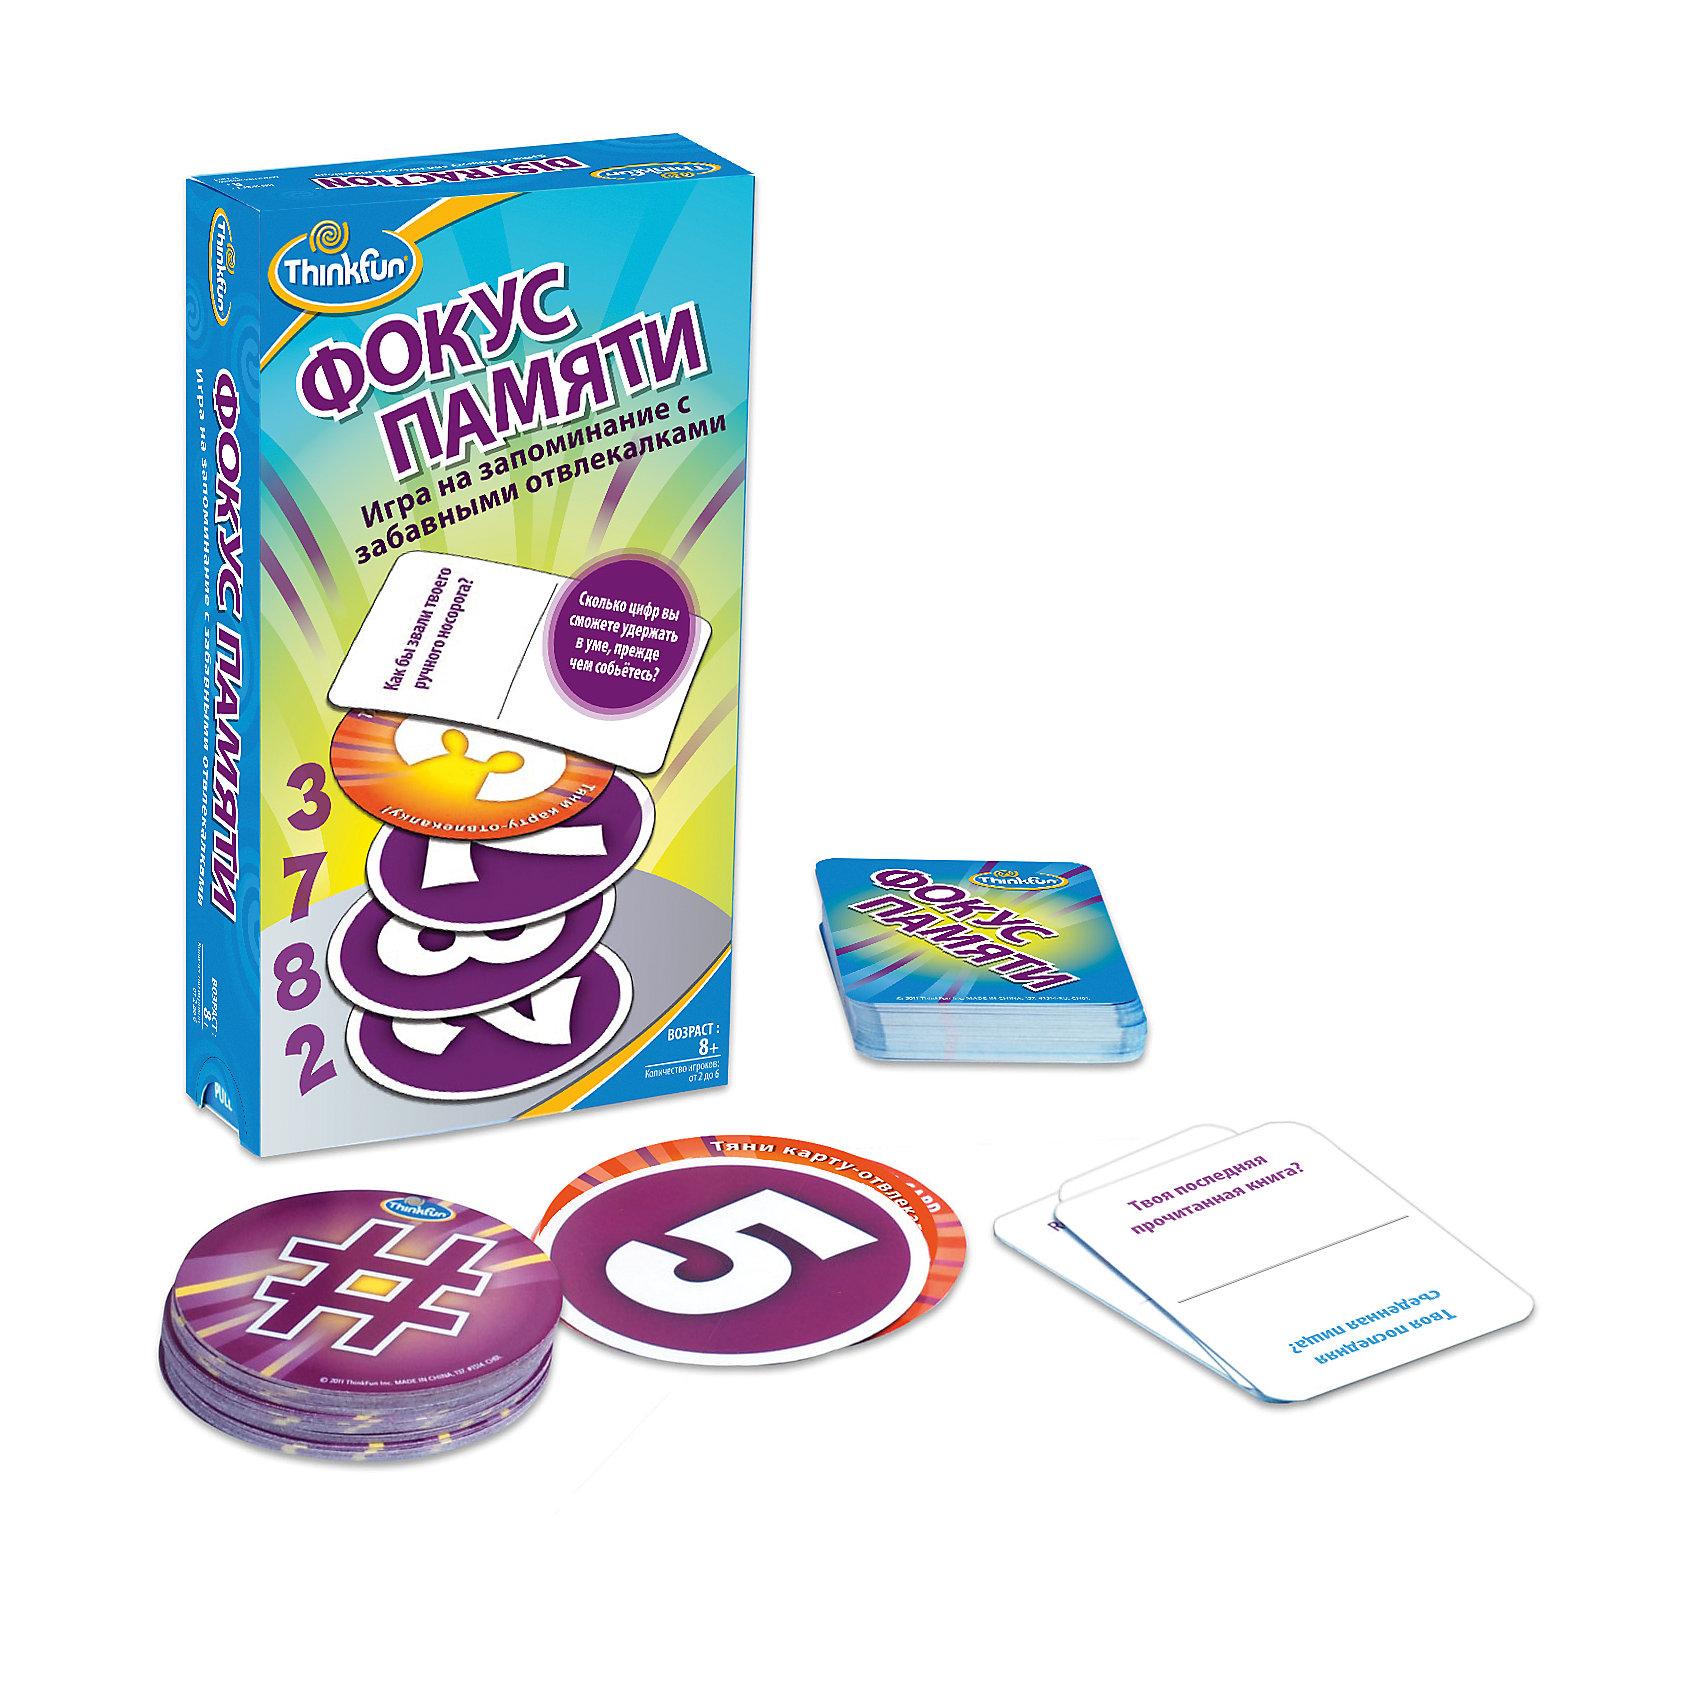 Игра Фокус памяти, ThinkFunНастольные игры для всей семьи<br>Эта увлекательная  игра обязательно понравится вашему ребенку и разнообразит его досуг.  Ее можно брать с собой куда угодно и весело играть вместе с друзьями. Суть игры - в запоминании последовательности цифр, которую нужно потом повторить. Сложность заключается в том, что в процессе воспроизведения, необходимо отвечать на отвлекающие вопросы, которые выпадают на специальных карточках. После ответа на вопрос, следует продолжить воспроизведение чисел. Игра прекрасно развивает внимание, мышление, память, в нее можно играть, как одному, так и с компанией. <br><br>Дополнительная информация:<br><br>- Комплектация: 54 карточки с цифрами, 50 карточек с вопросами, инструкция.<br>- Материал: картон.<br>- Размер упаковки: 20 х 11 х 4 см. <br><br>Игру Фокус памяти, ThinkFun можно купить в нашем магазине.<br><br>Ширина мм: 110<br>Глубина мм: 200<br>Высота мм: 40<br>Вес г: 302<br>Возраст от месяцев: 96<br>Возраст до месяцев: 2147483647<br>Пол: Унисекс<br>Возраст: Детский<br>SKU: 3972648